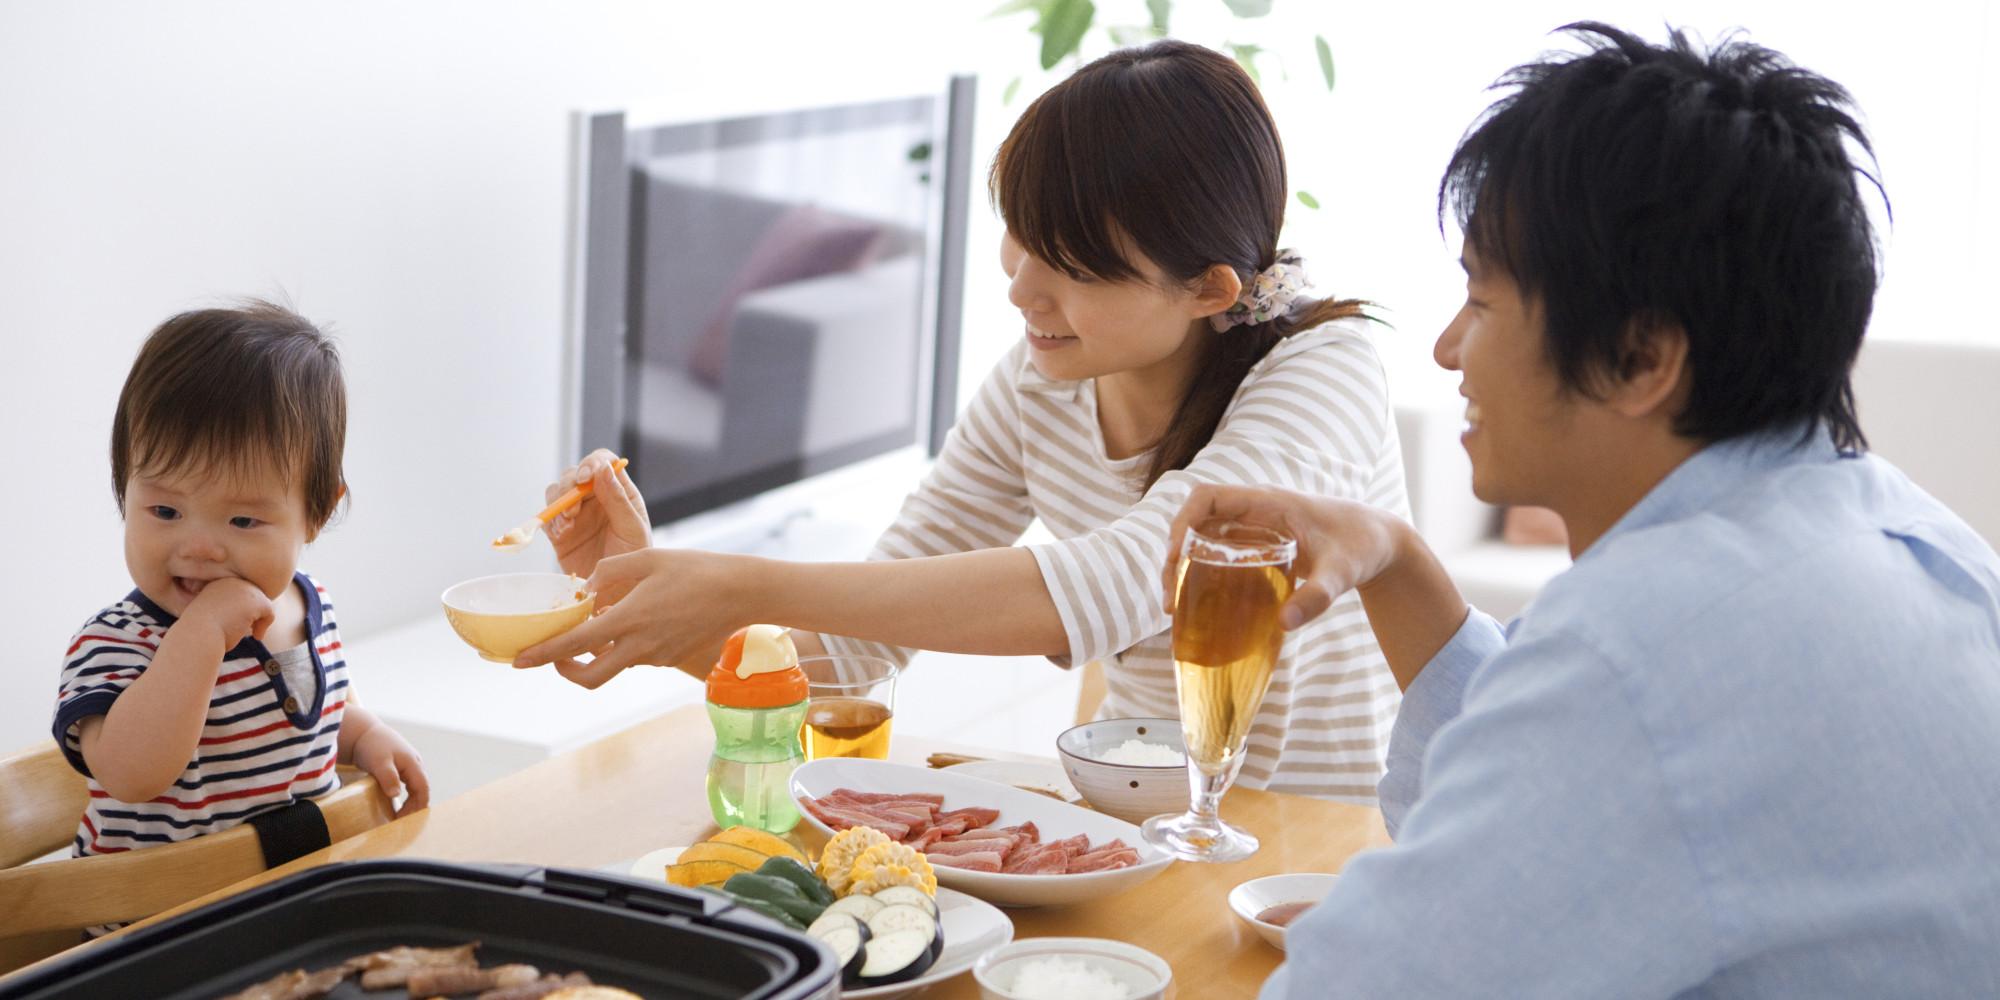 Tạo môi trường khoa học giúp trẻ có hành vi tốt trong việc ăn uống theo lời khuyên của chuyên gia - Ảnh 3